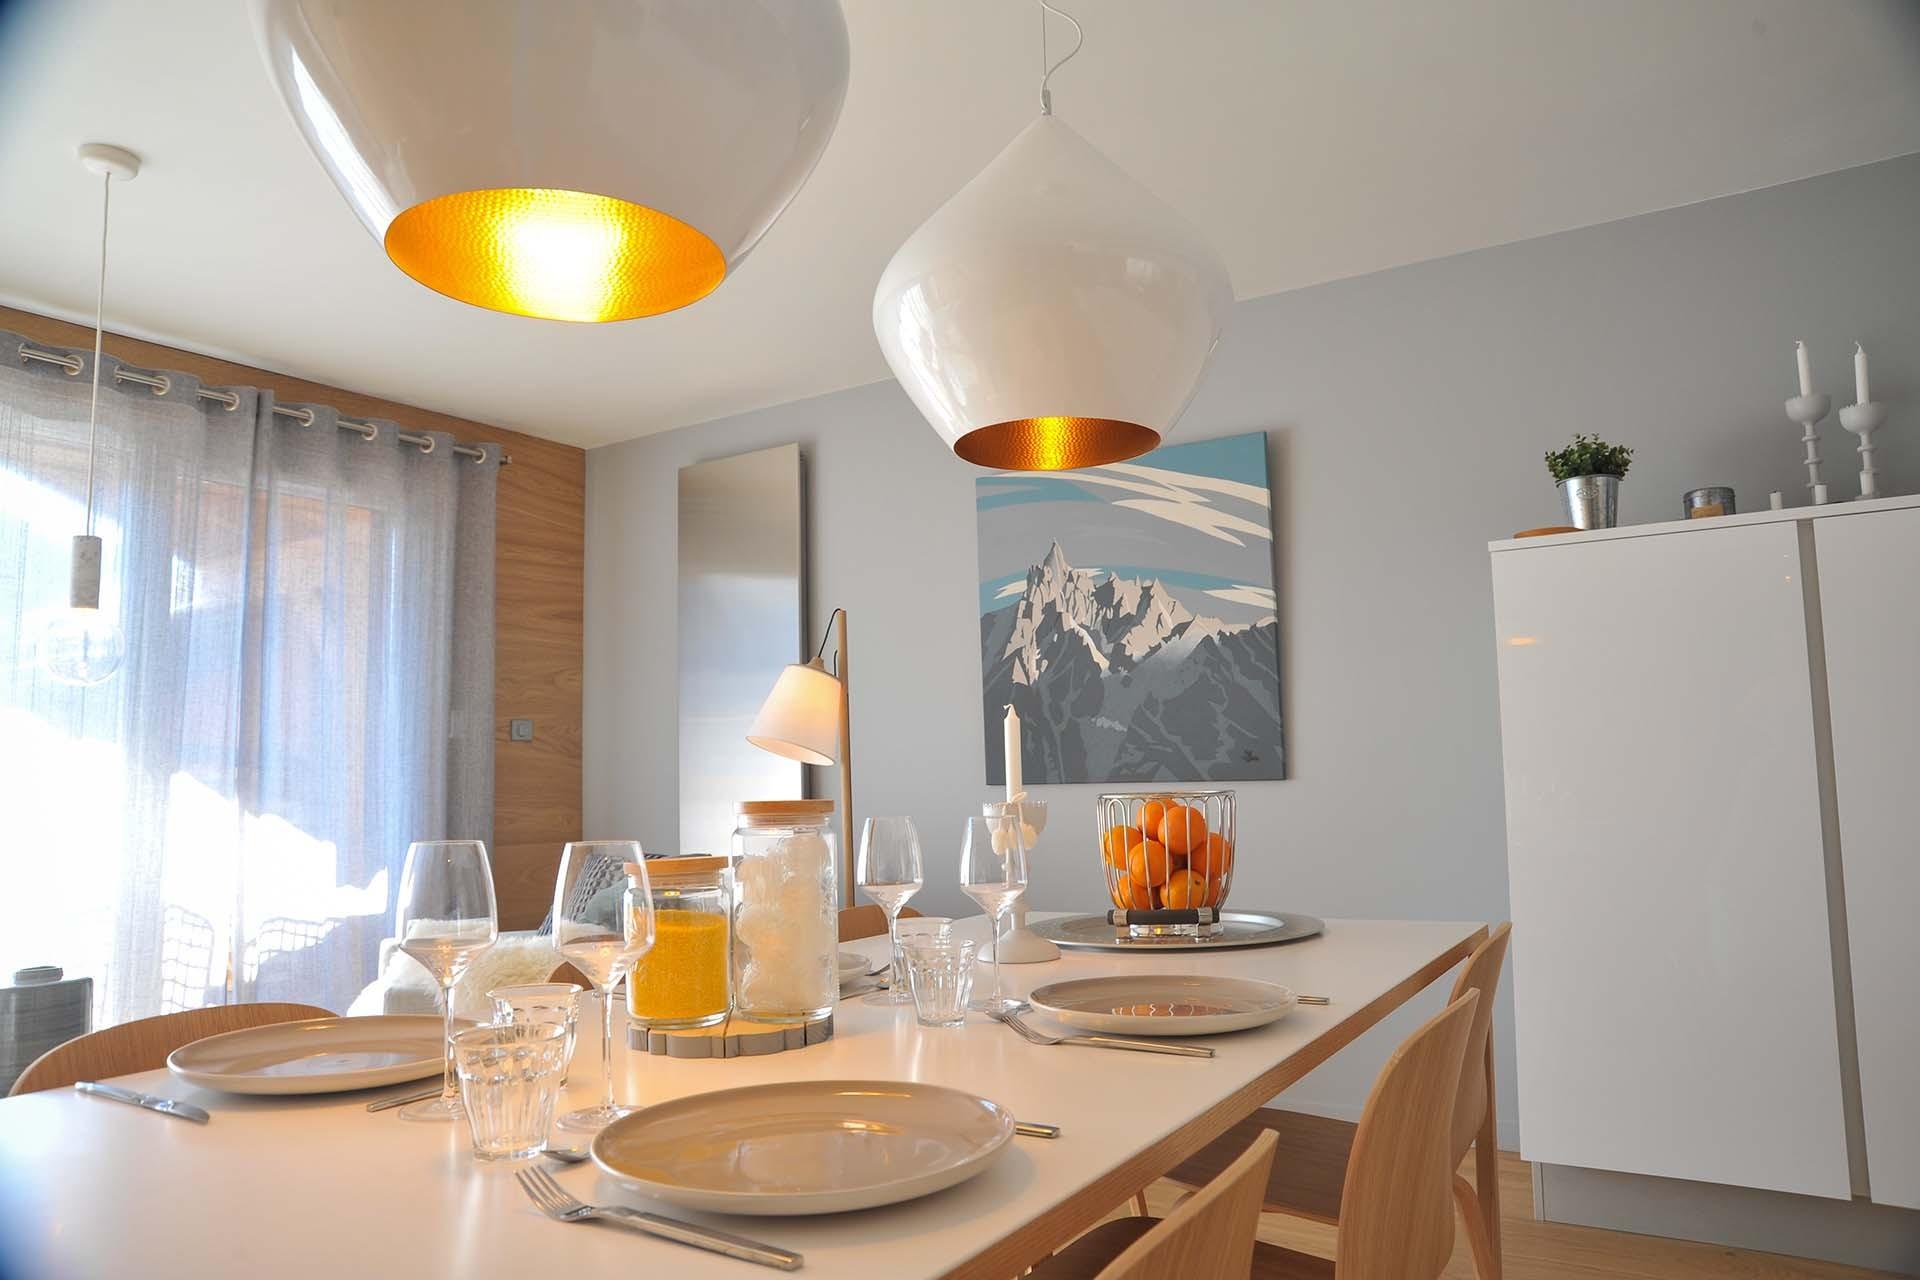 Huurtarieven van appartementen en toeristenbelasting